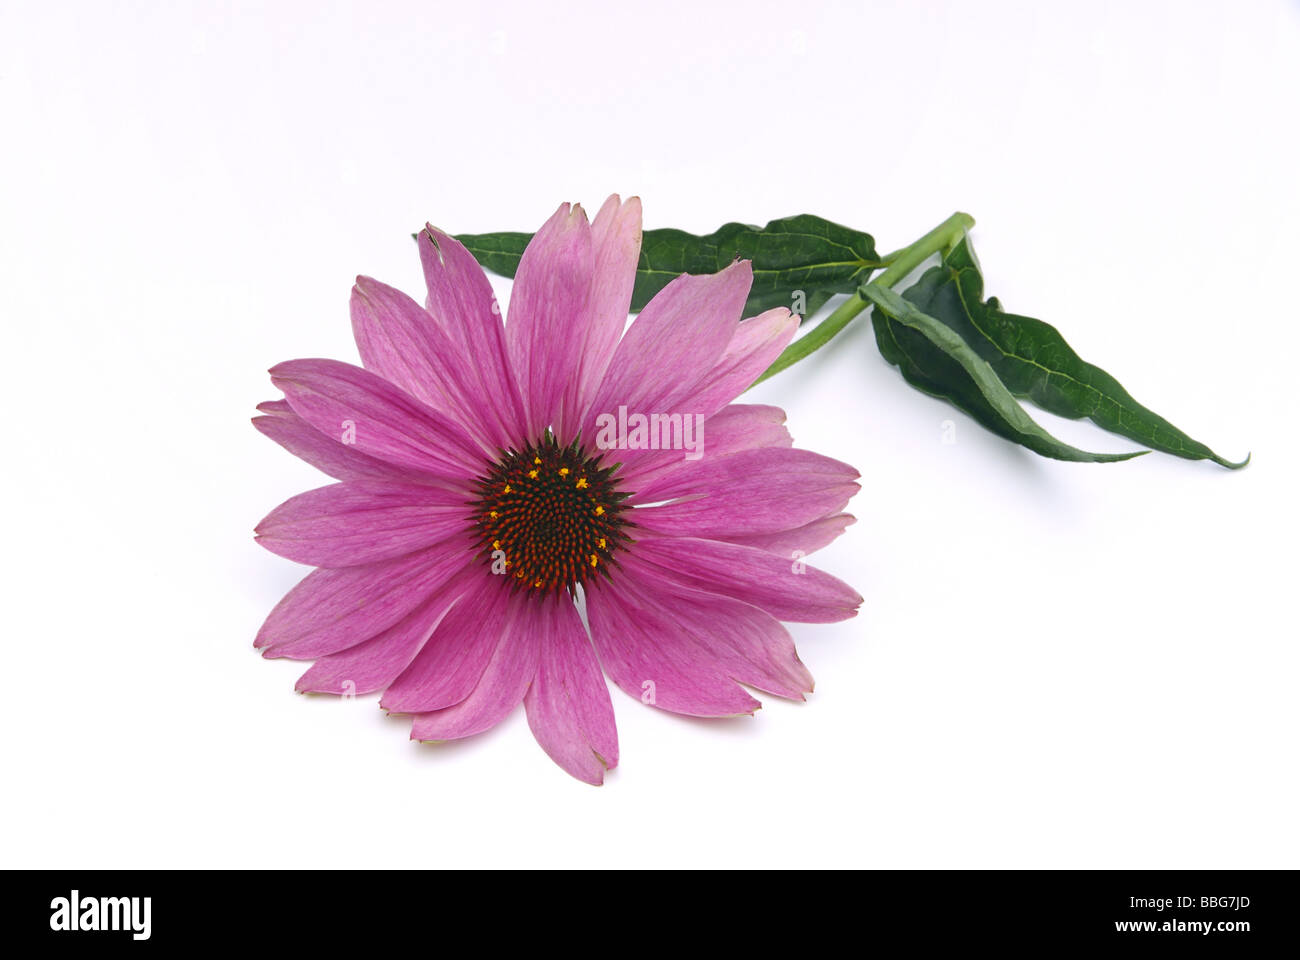 Sonnenhut Purpur Purple Coneflower 10 - Stock Image